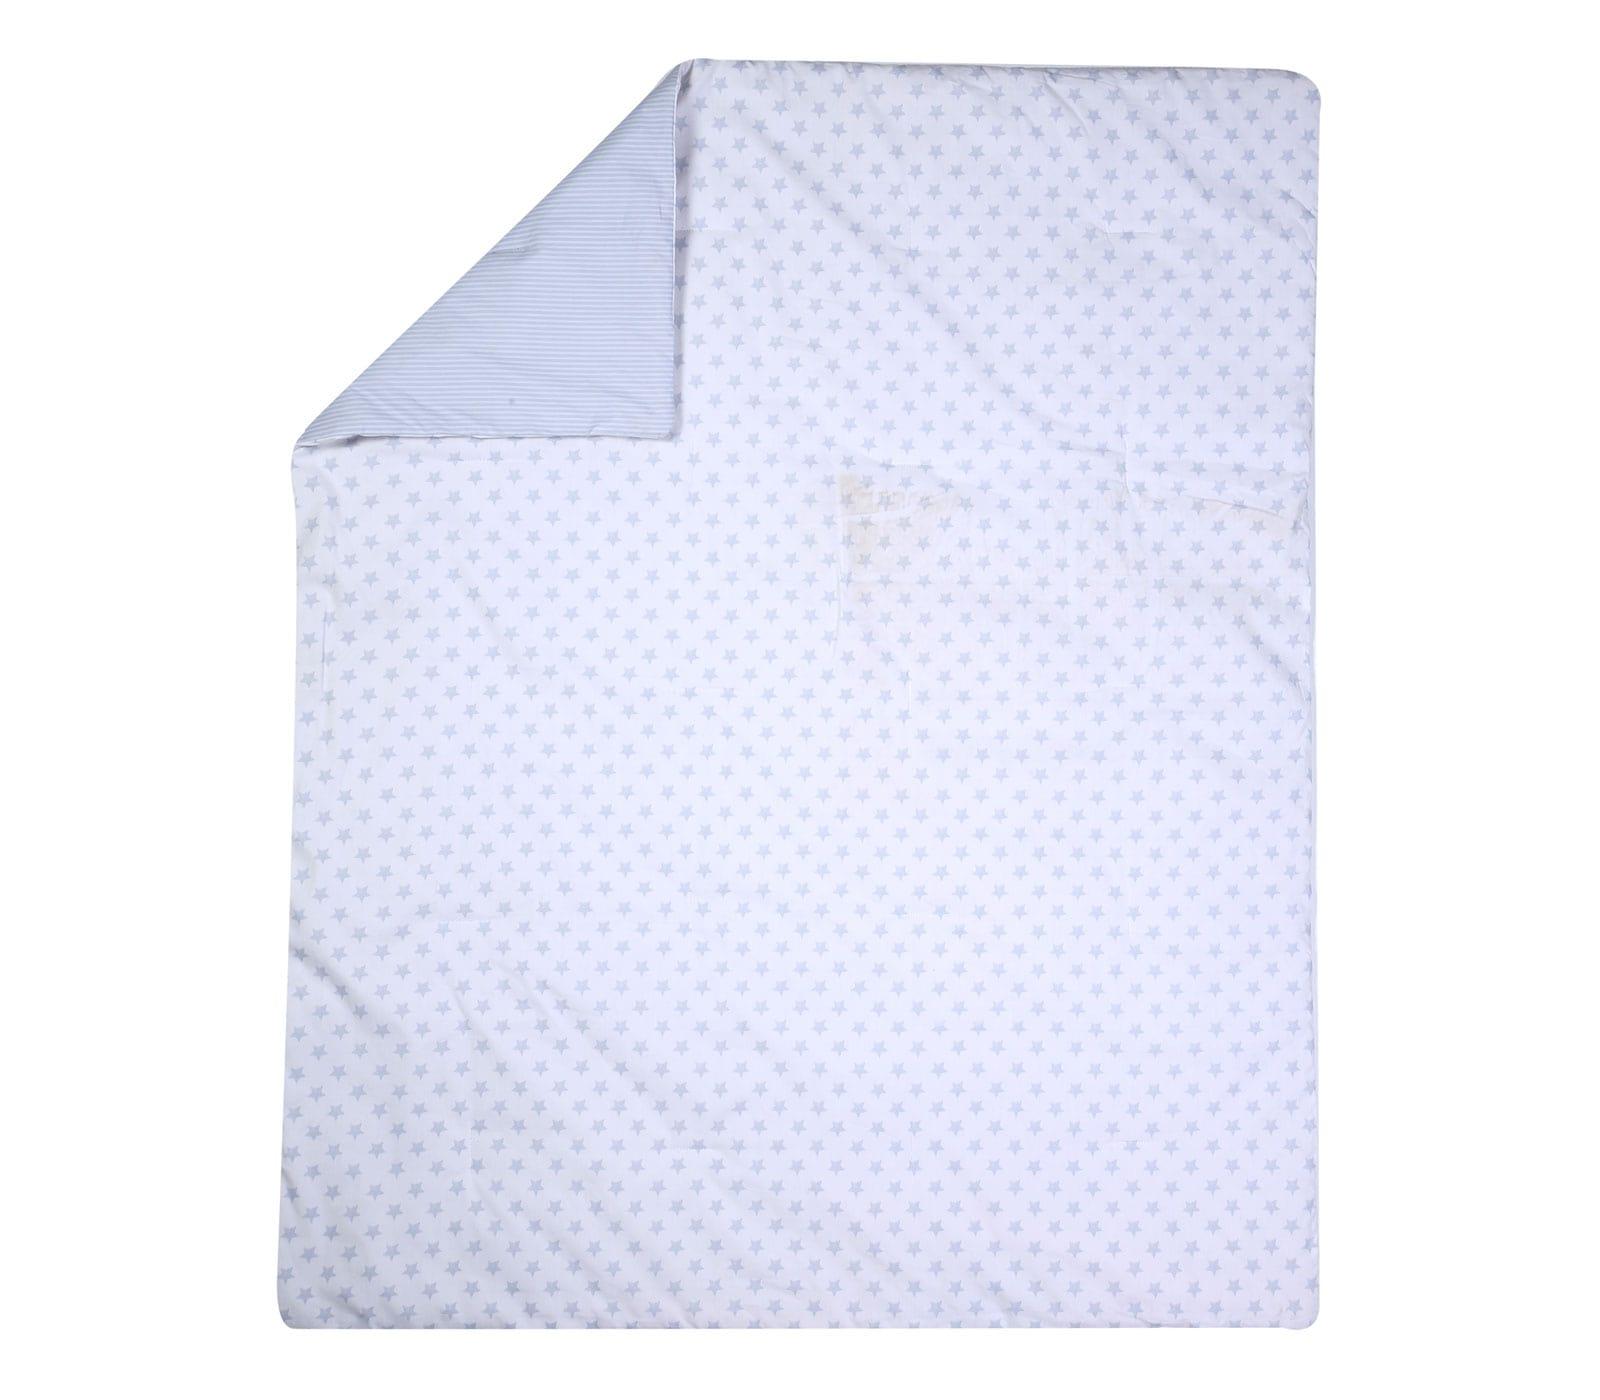 Κουβερλί Βρεφικό Above The Stars White-Grey Nef-Nef Κούνιας 110x140cm